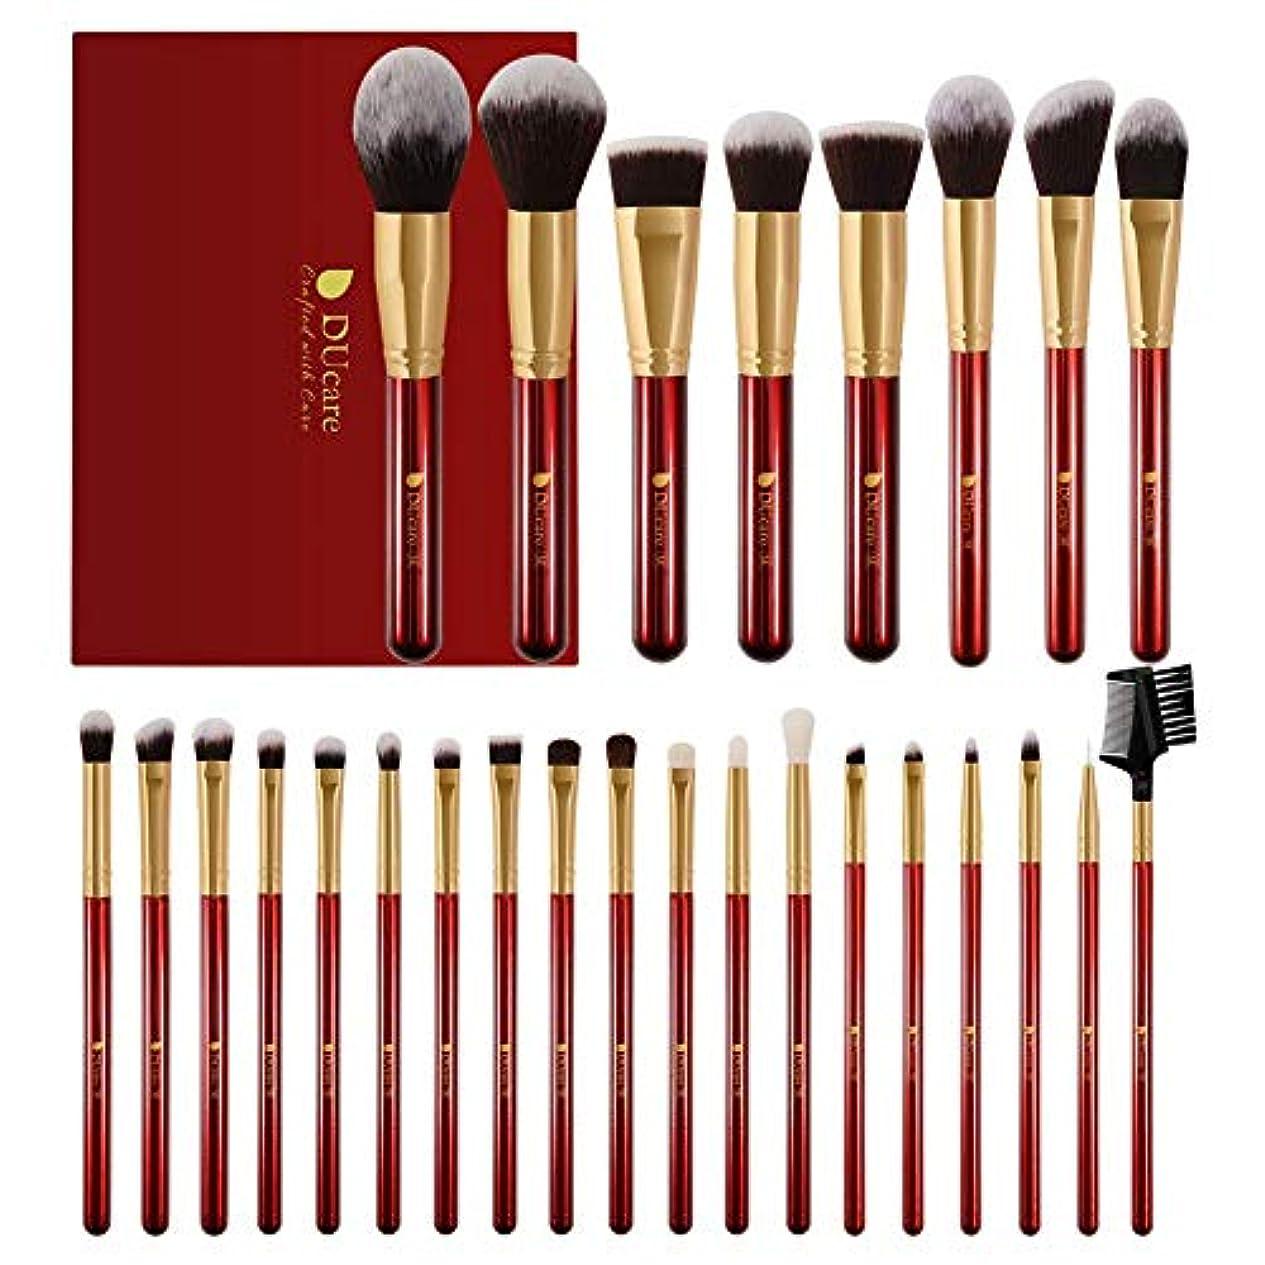 カフェ大邸宅乳剤DUcare ドゥケア メイクブラシ 27本セット 化粧筆 フェイスブラシ PBT毛&天然毛 (赤) 同シリーズでブラックあり